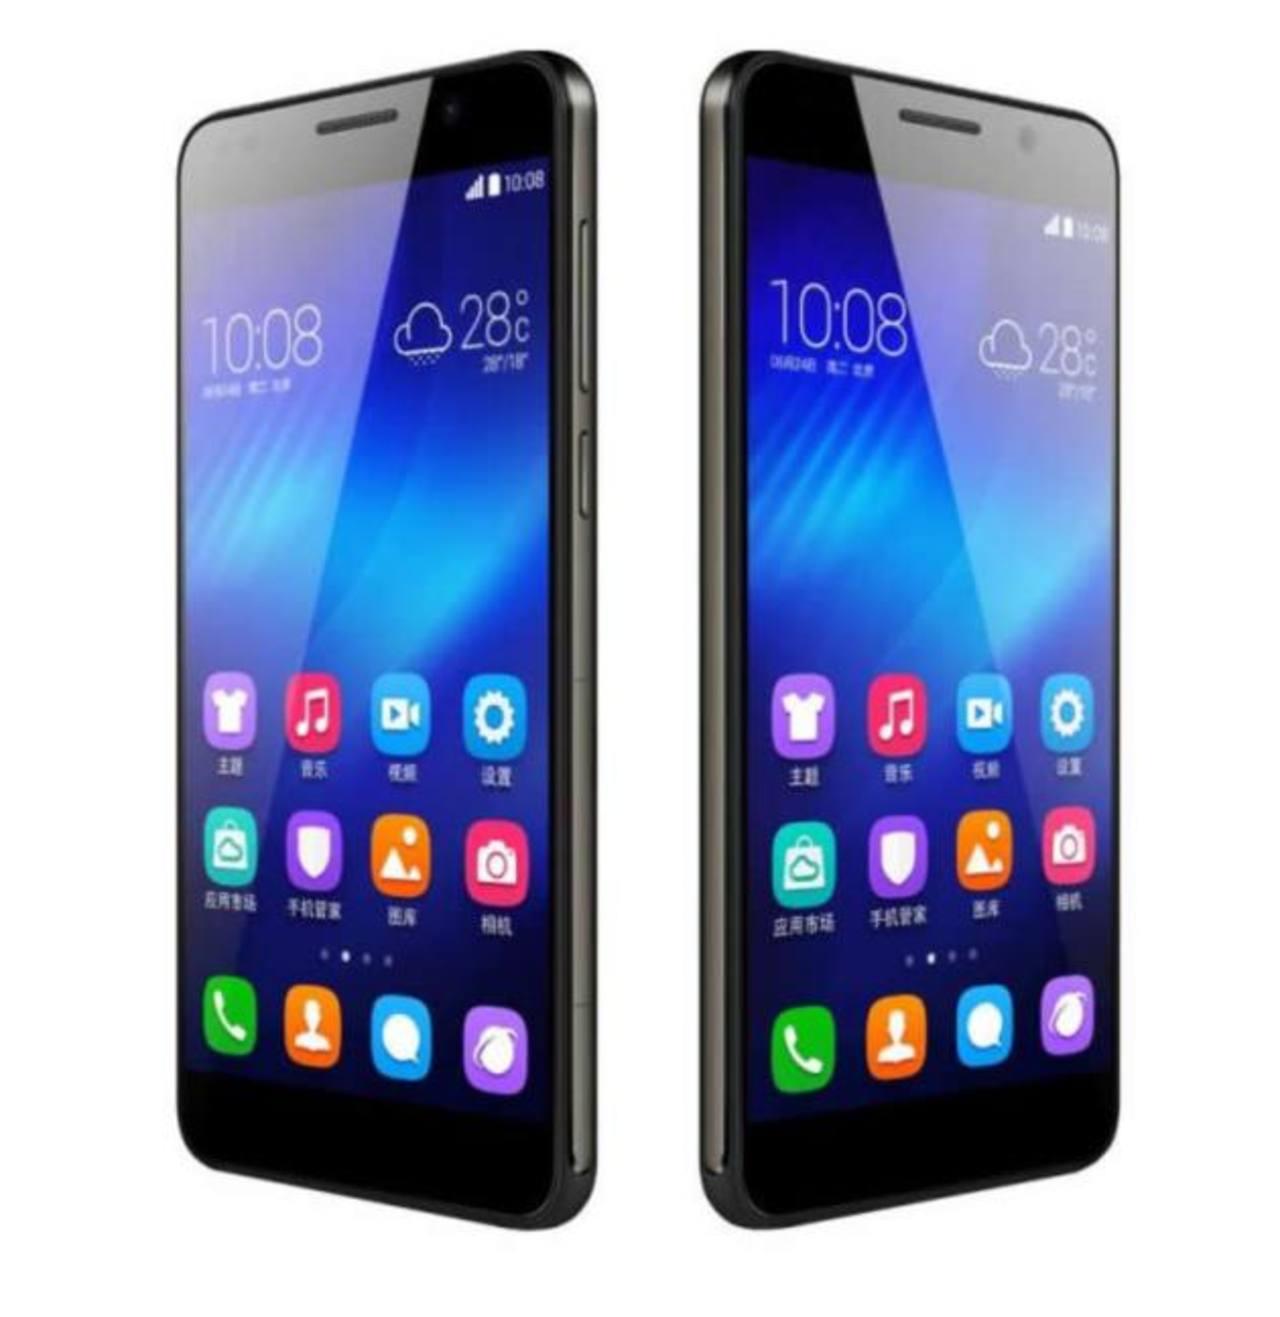 Huawei lanza su Honor 6, un teléfono inteligente de gama alta a precio medio